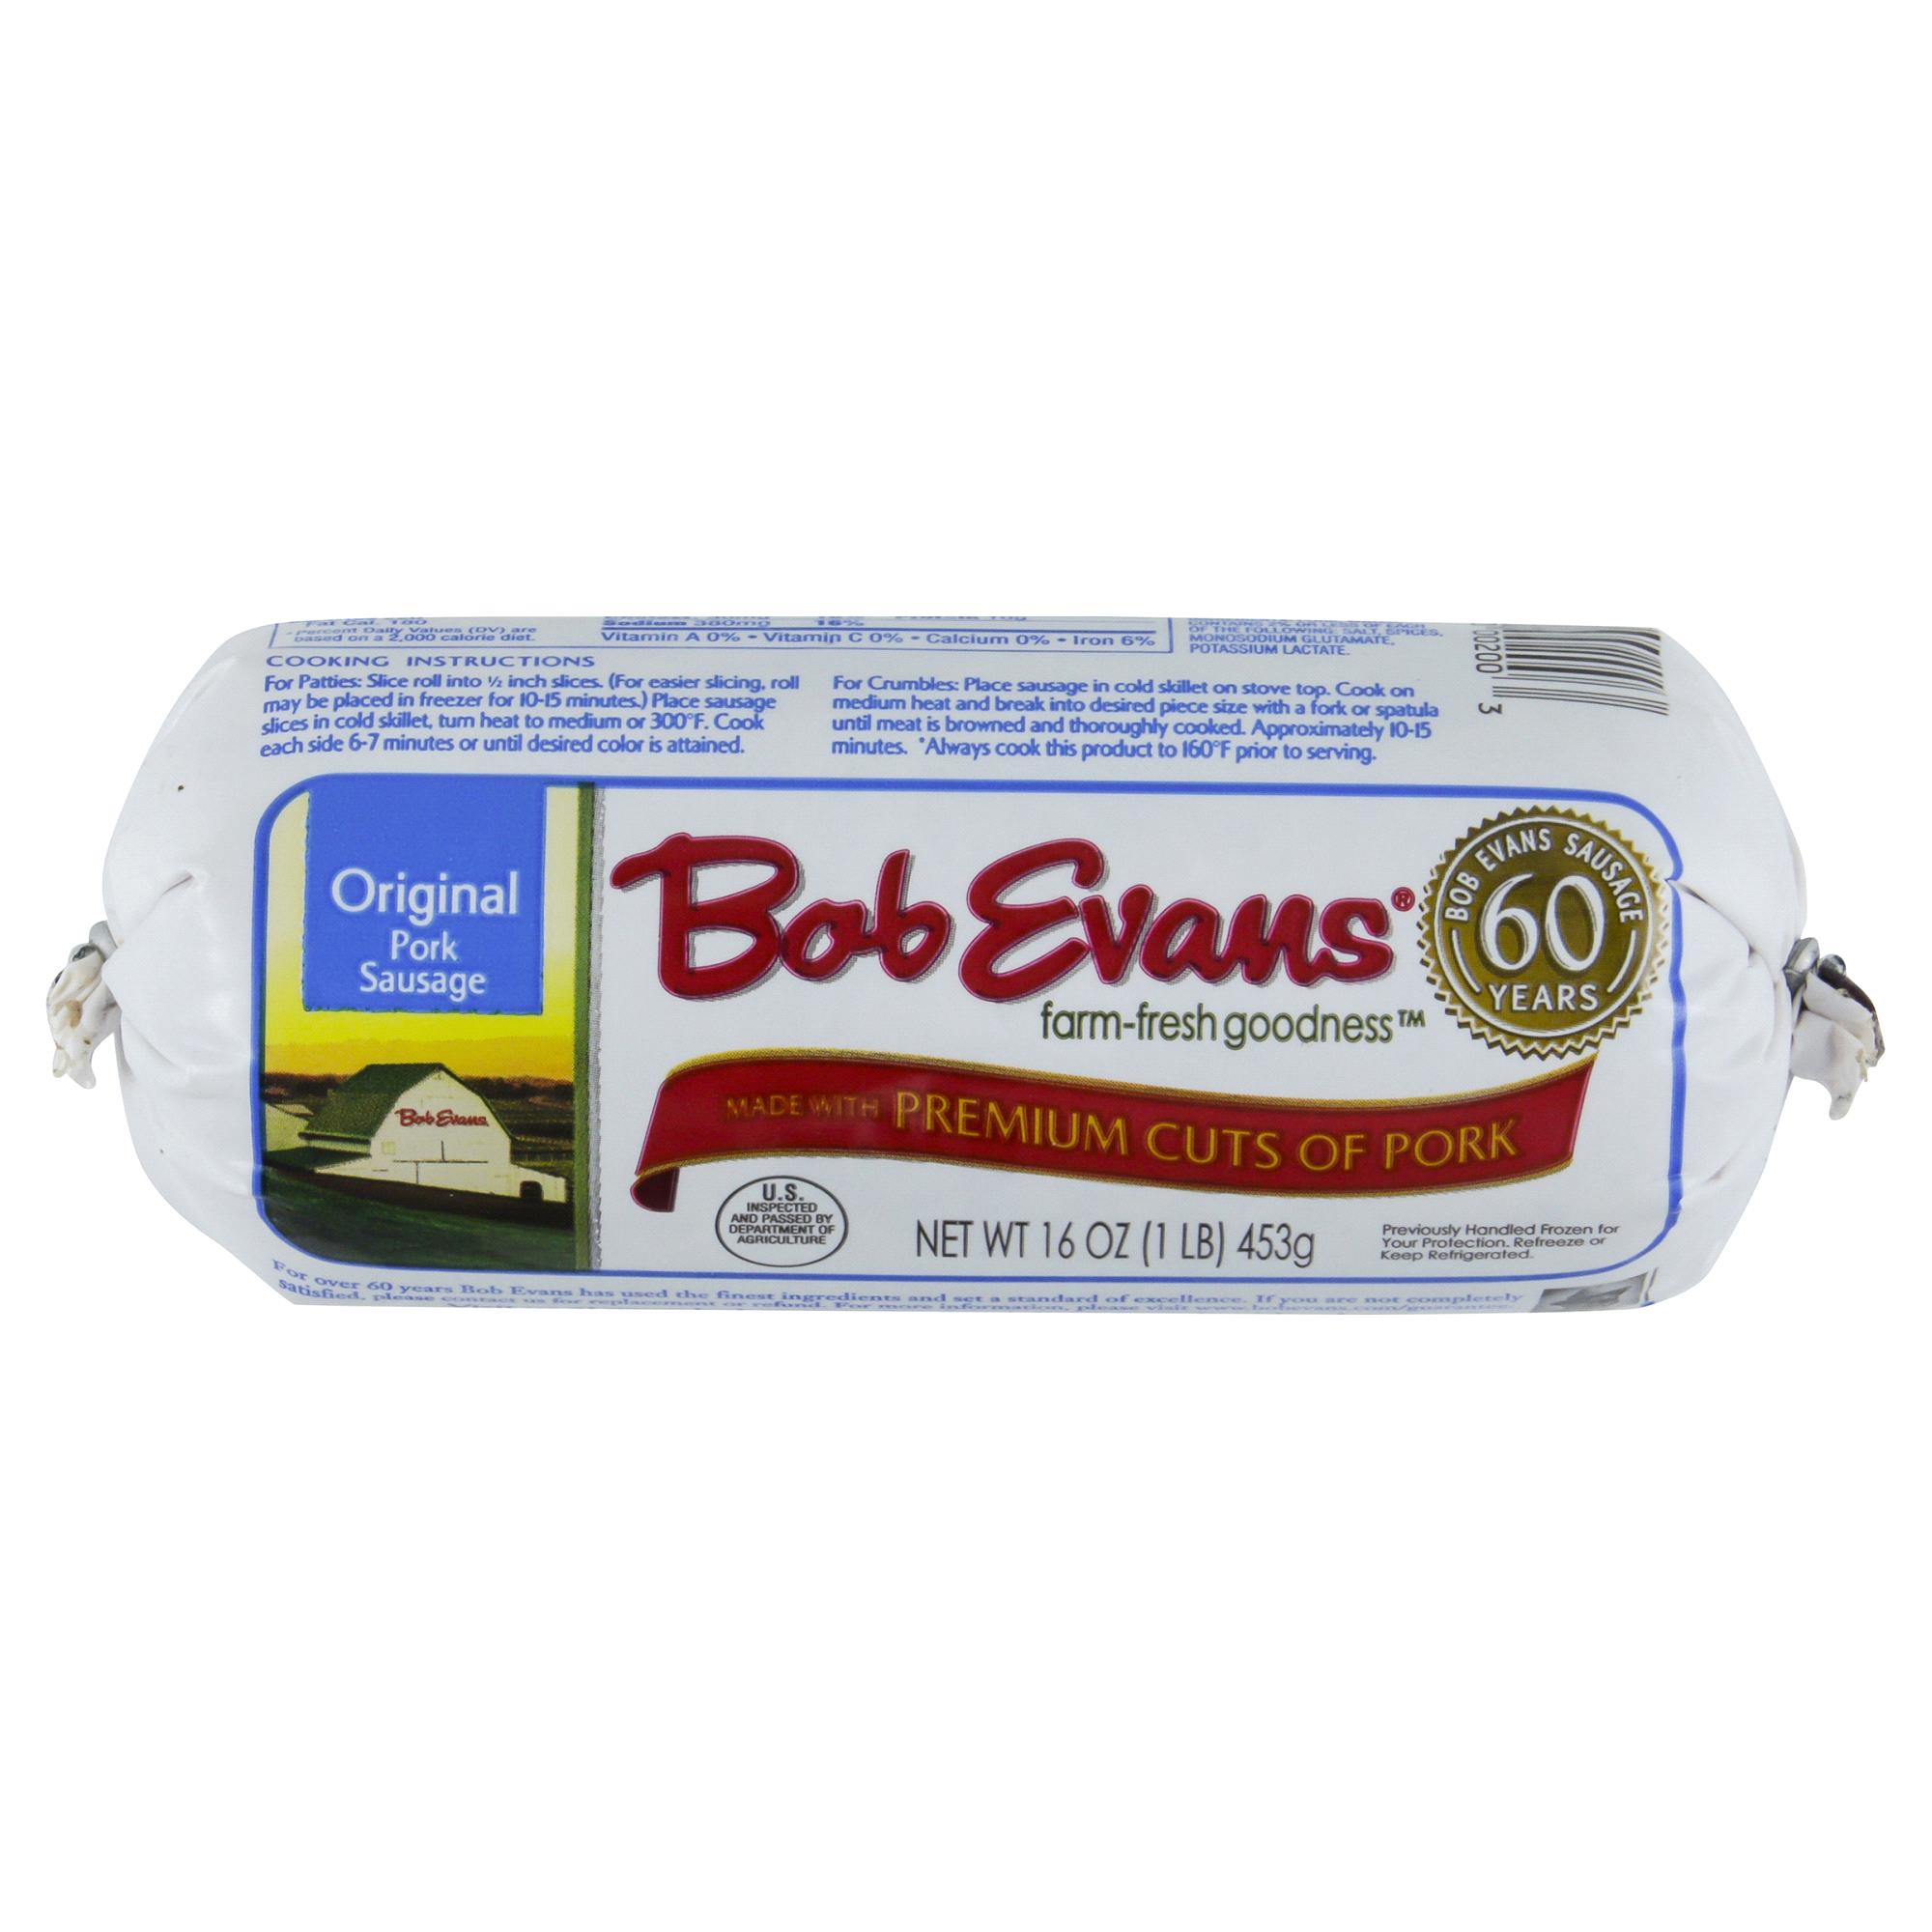 Bob Evans Pork Sausage Roll Original 16 oz | Meijer.com